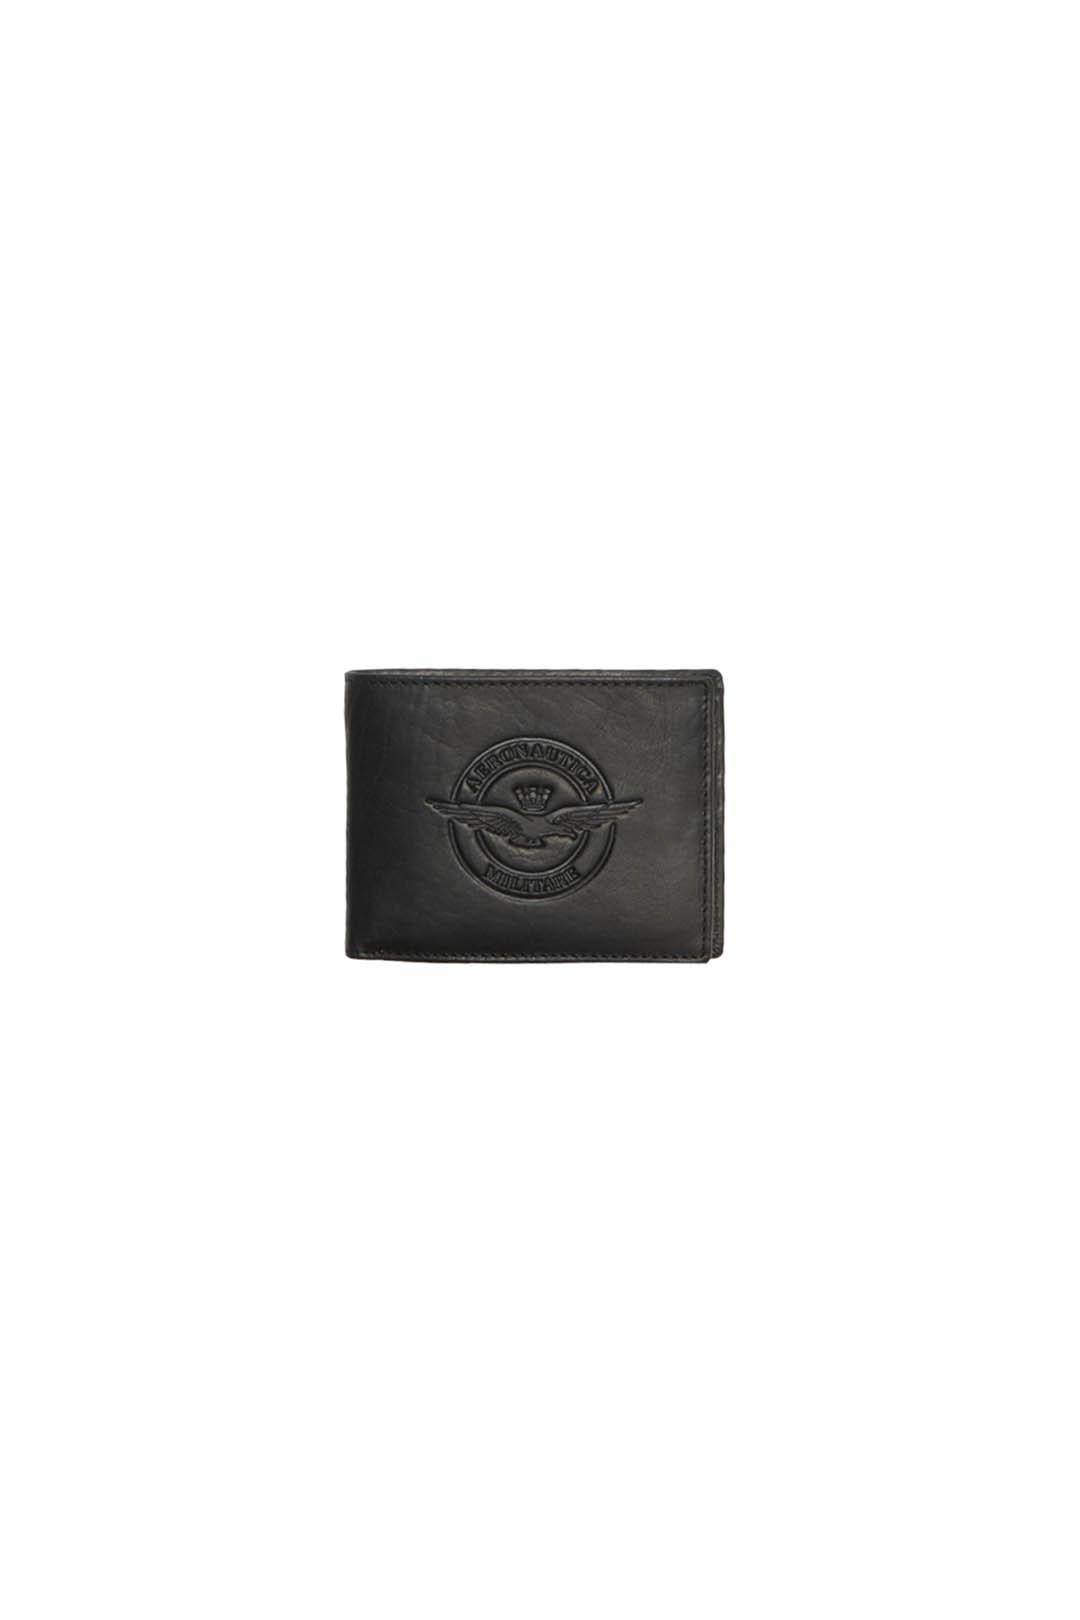 Leder Brieftasche mit AM Marke           1